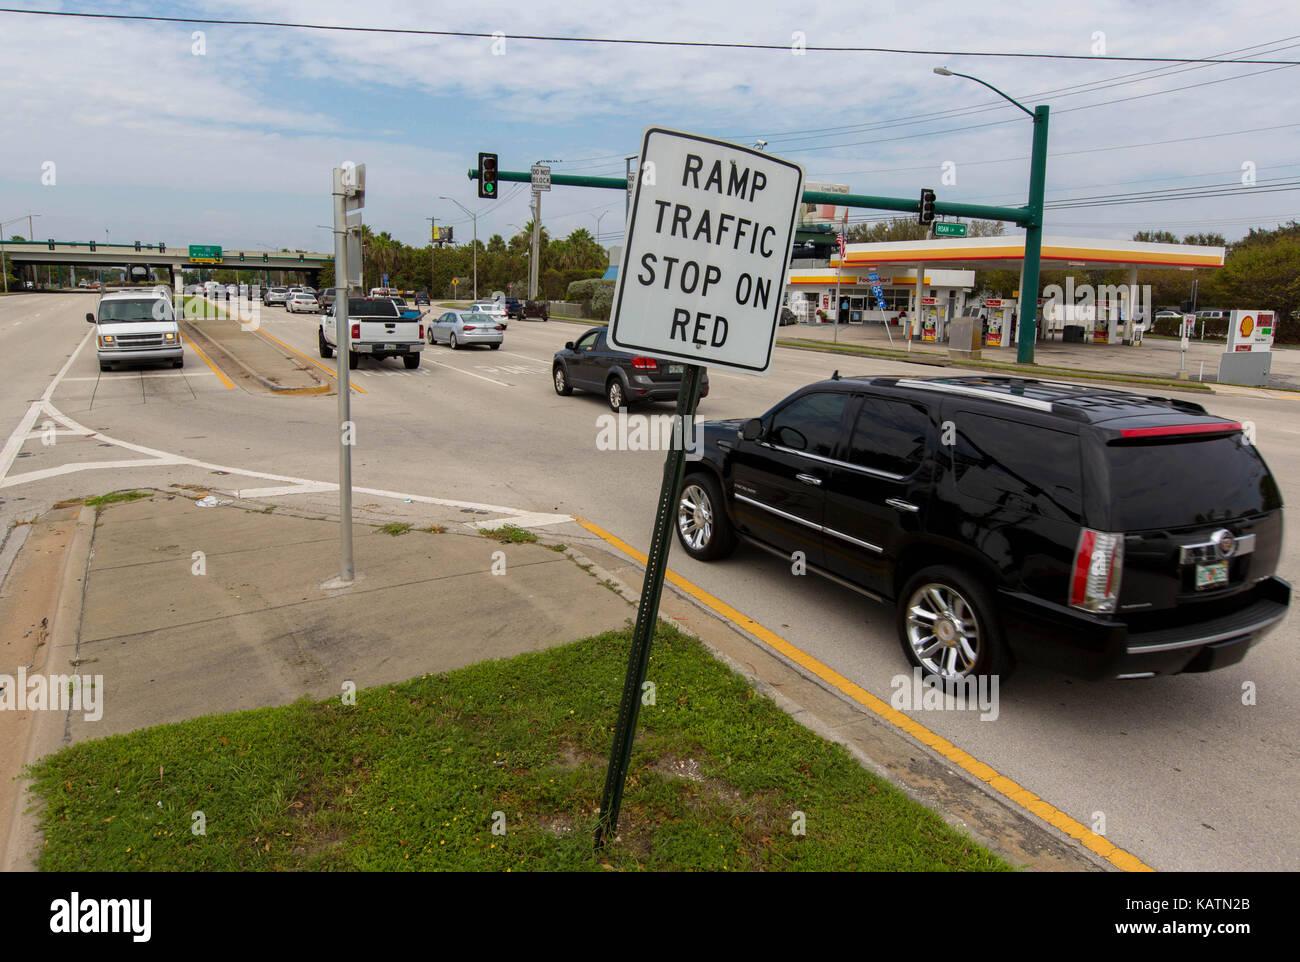 siti di incontri di Palm Beach County